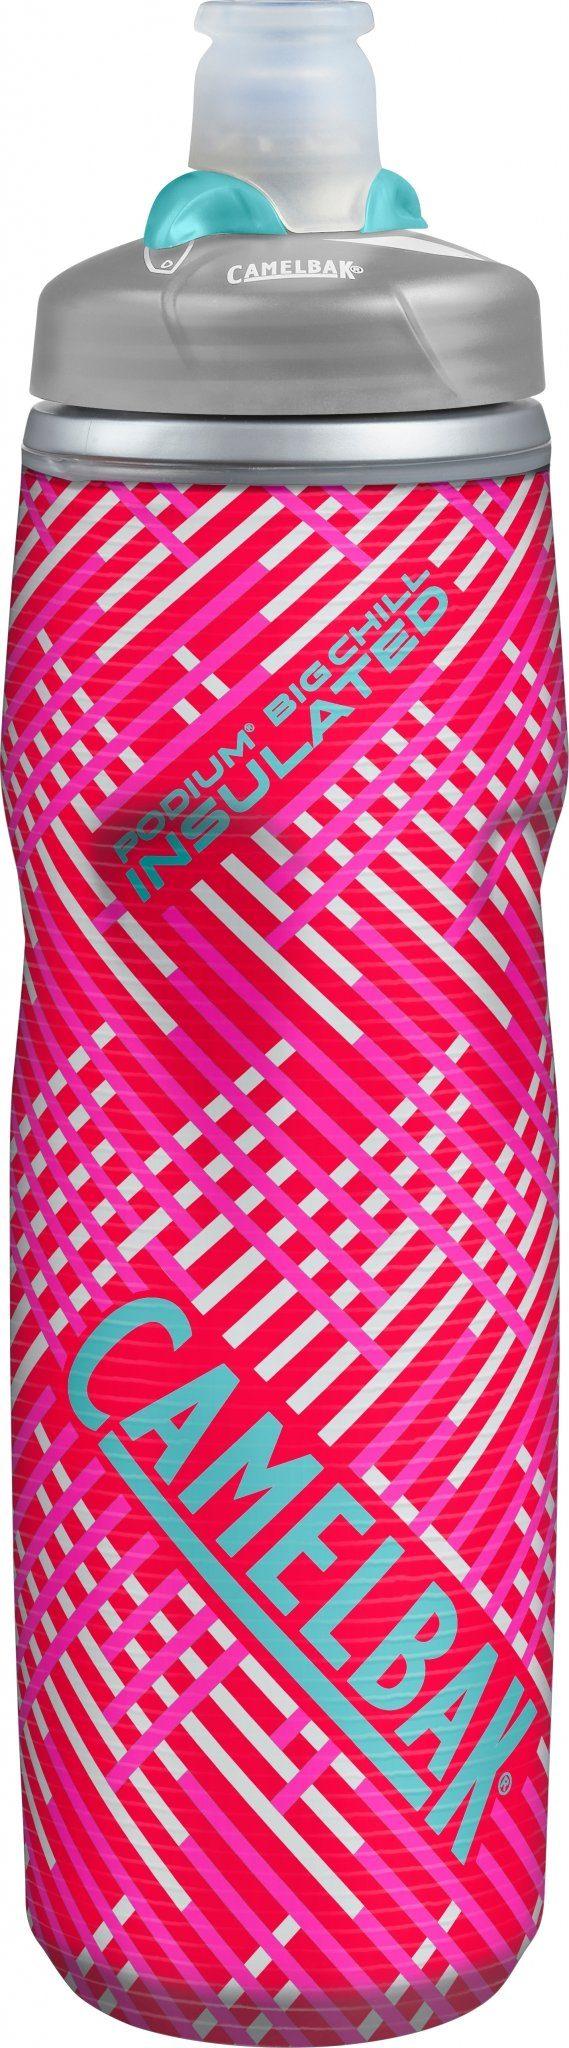 Camelbak Trinkflasche »Podium Big Chill Trinkflasche 750ml«